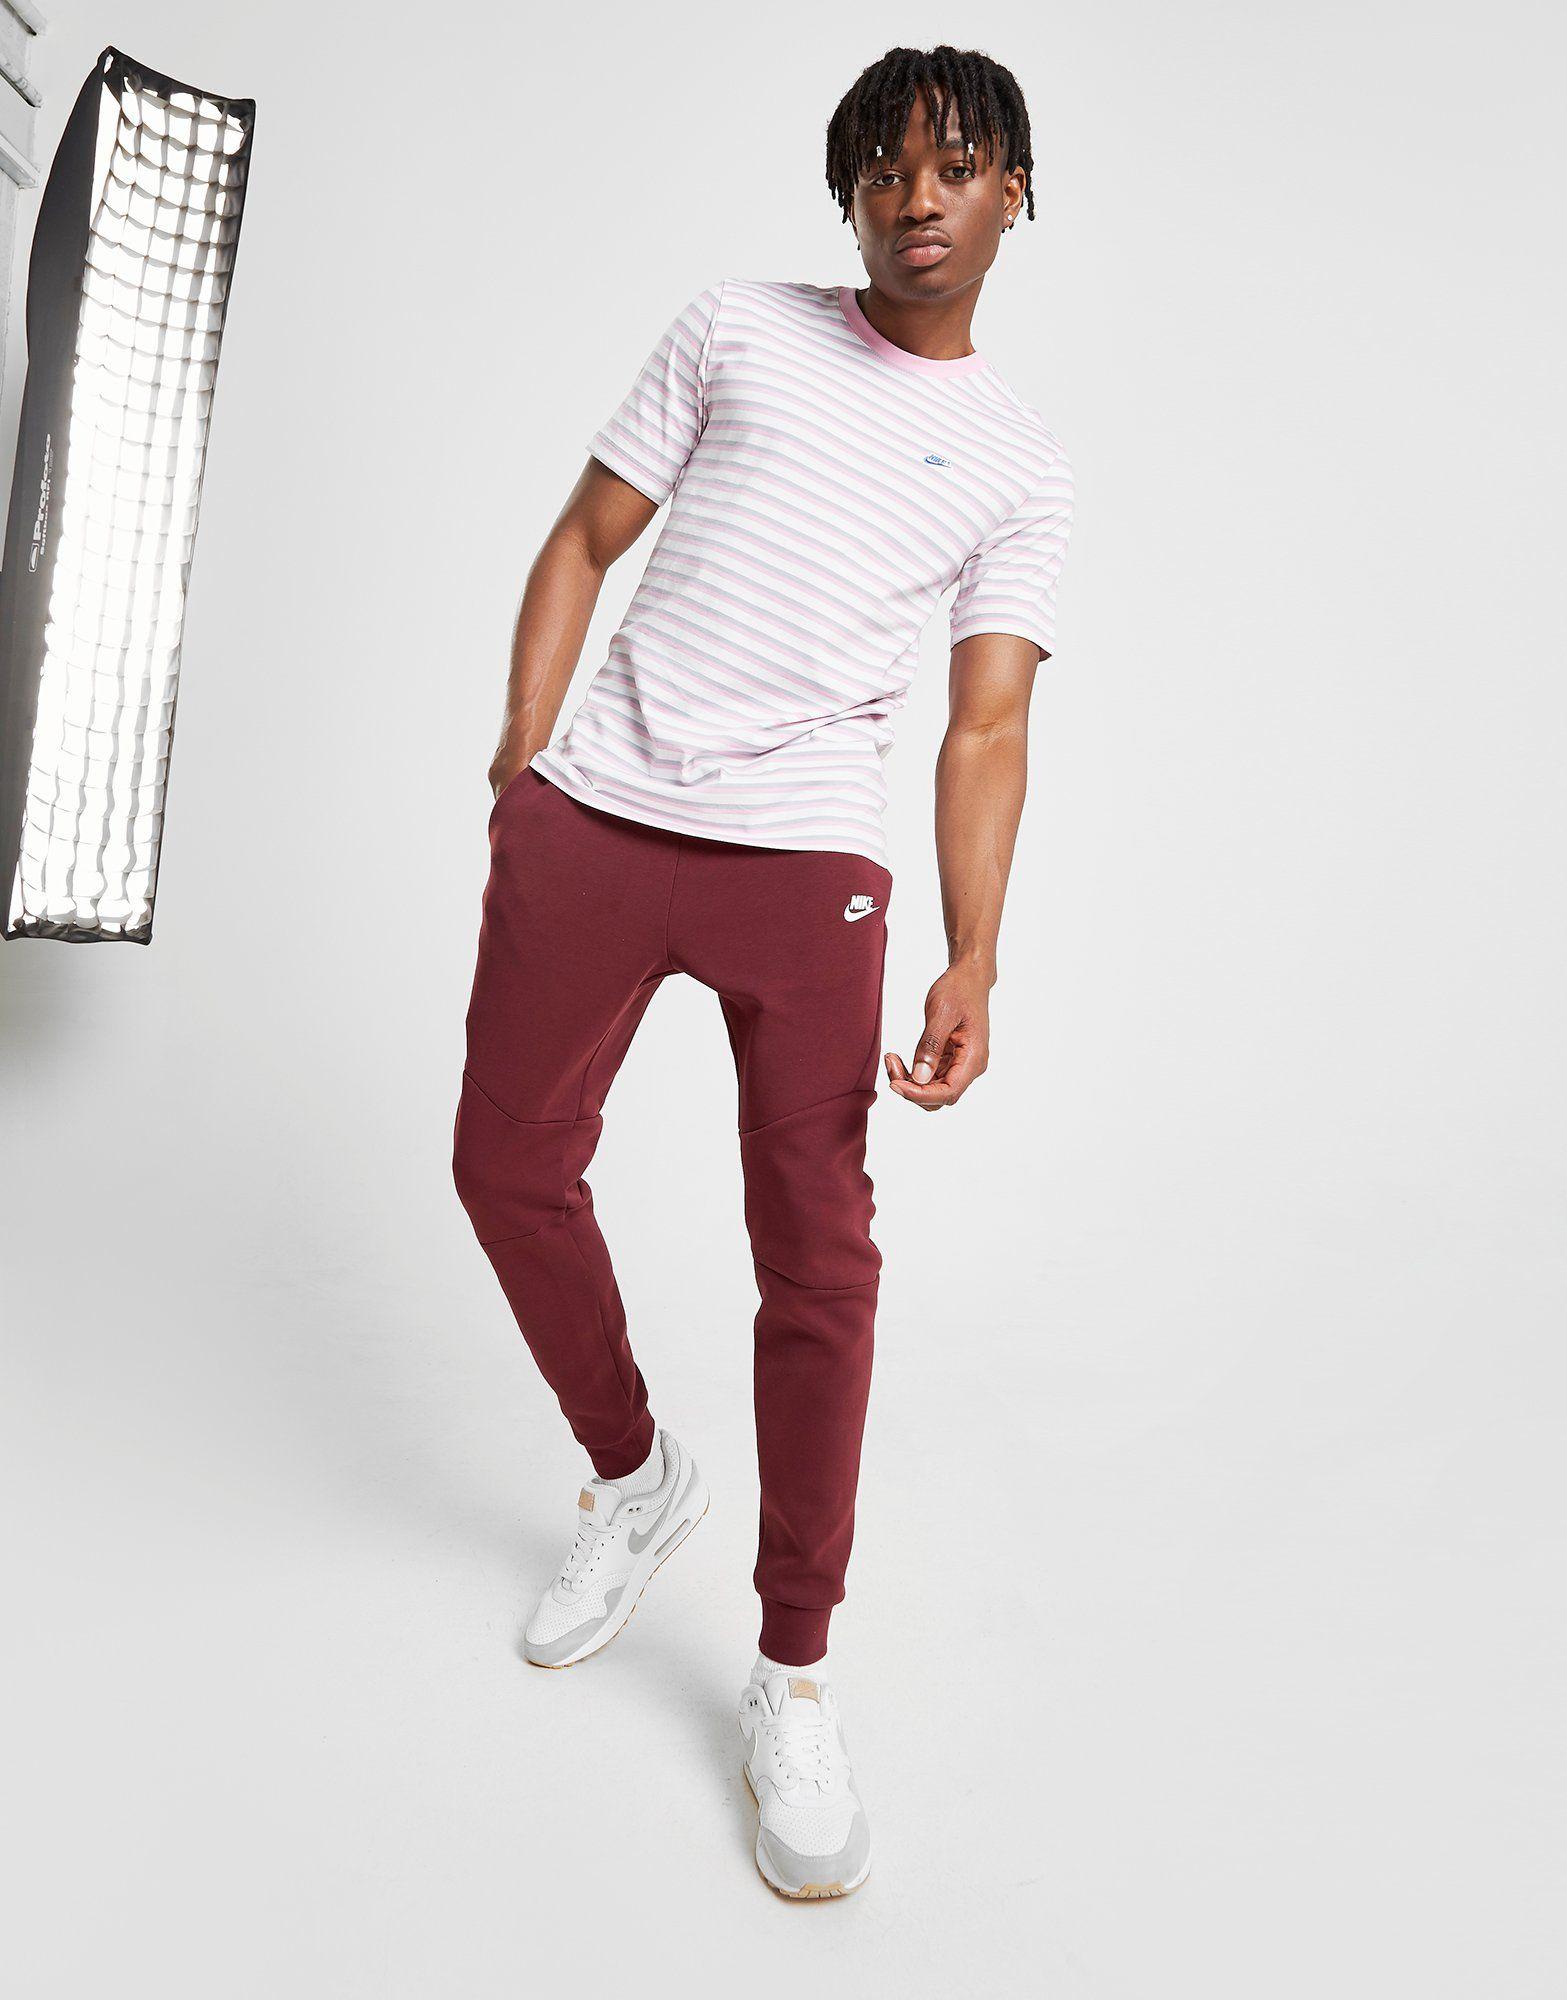 online store 31906 03963 Nike Tech Fleece Joggers  JD Sports